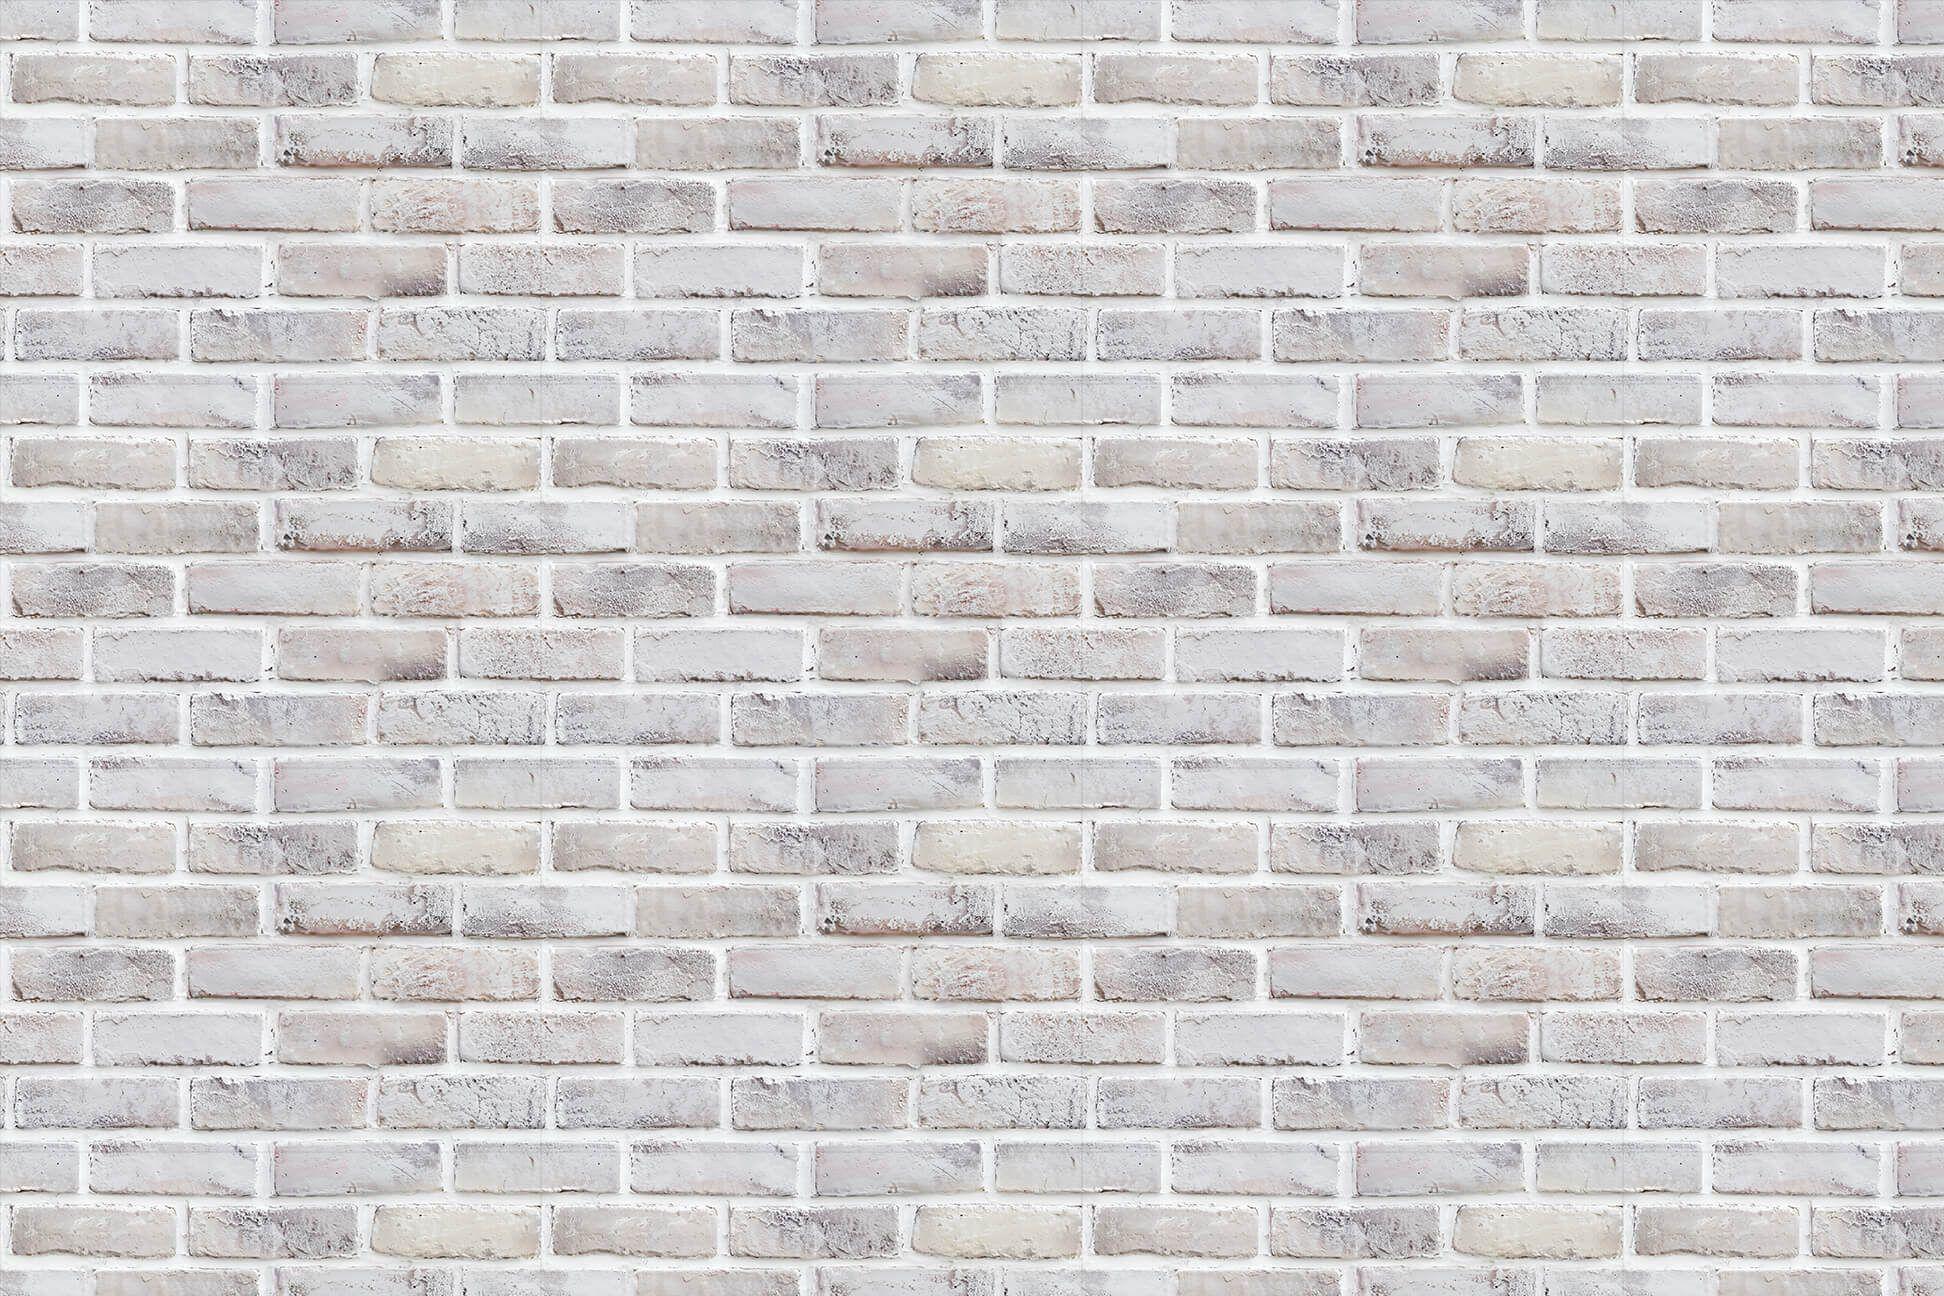 Whitewash Brick Wallpaper Brick wallpaper, White wash